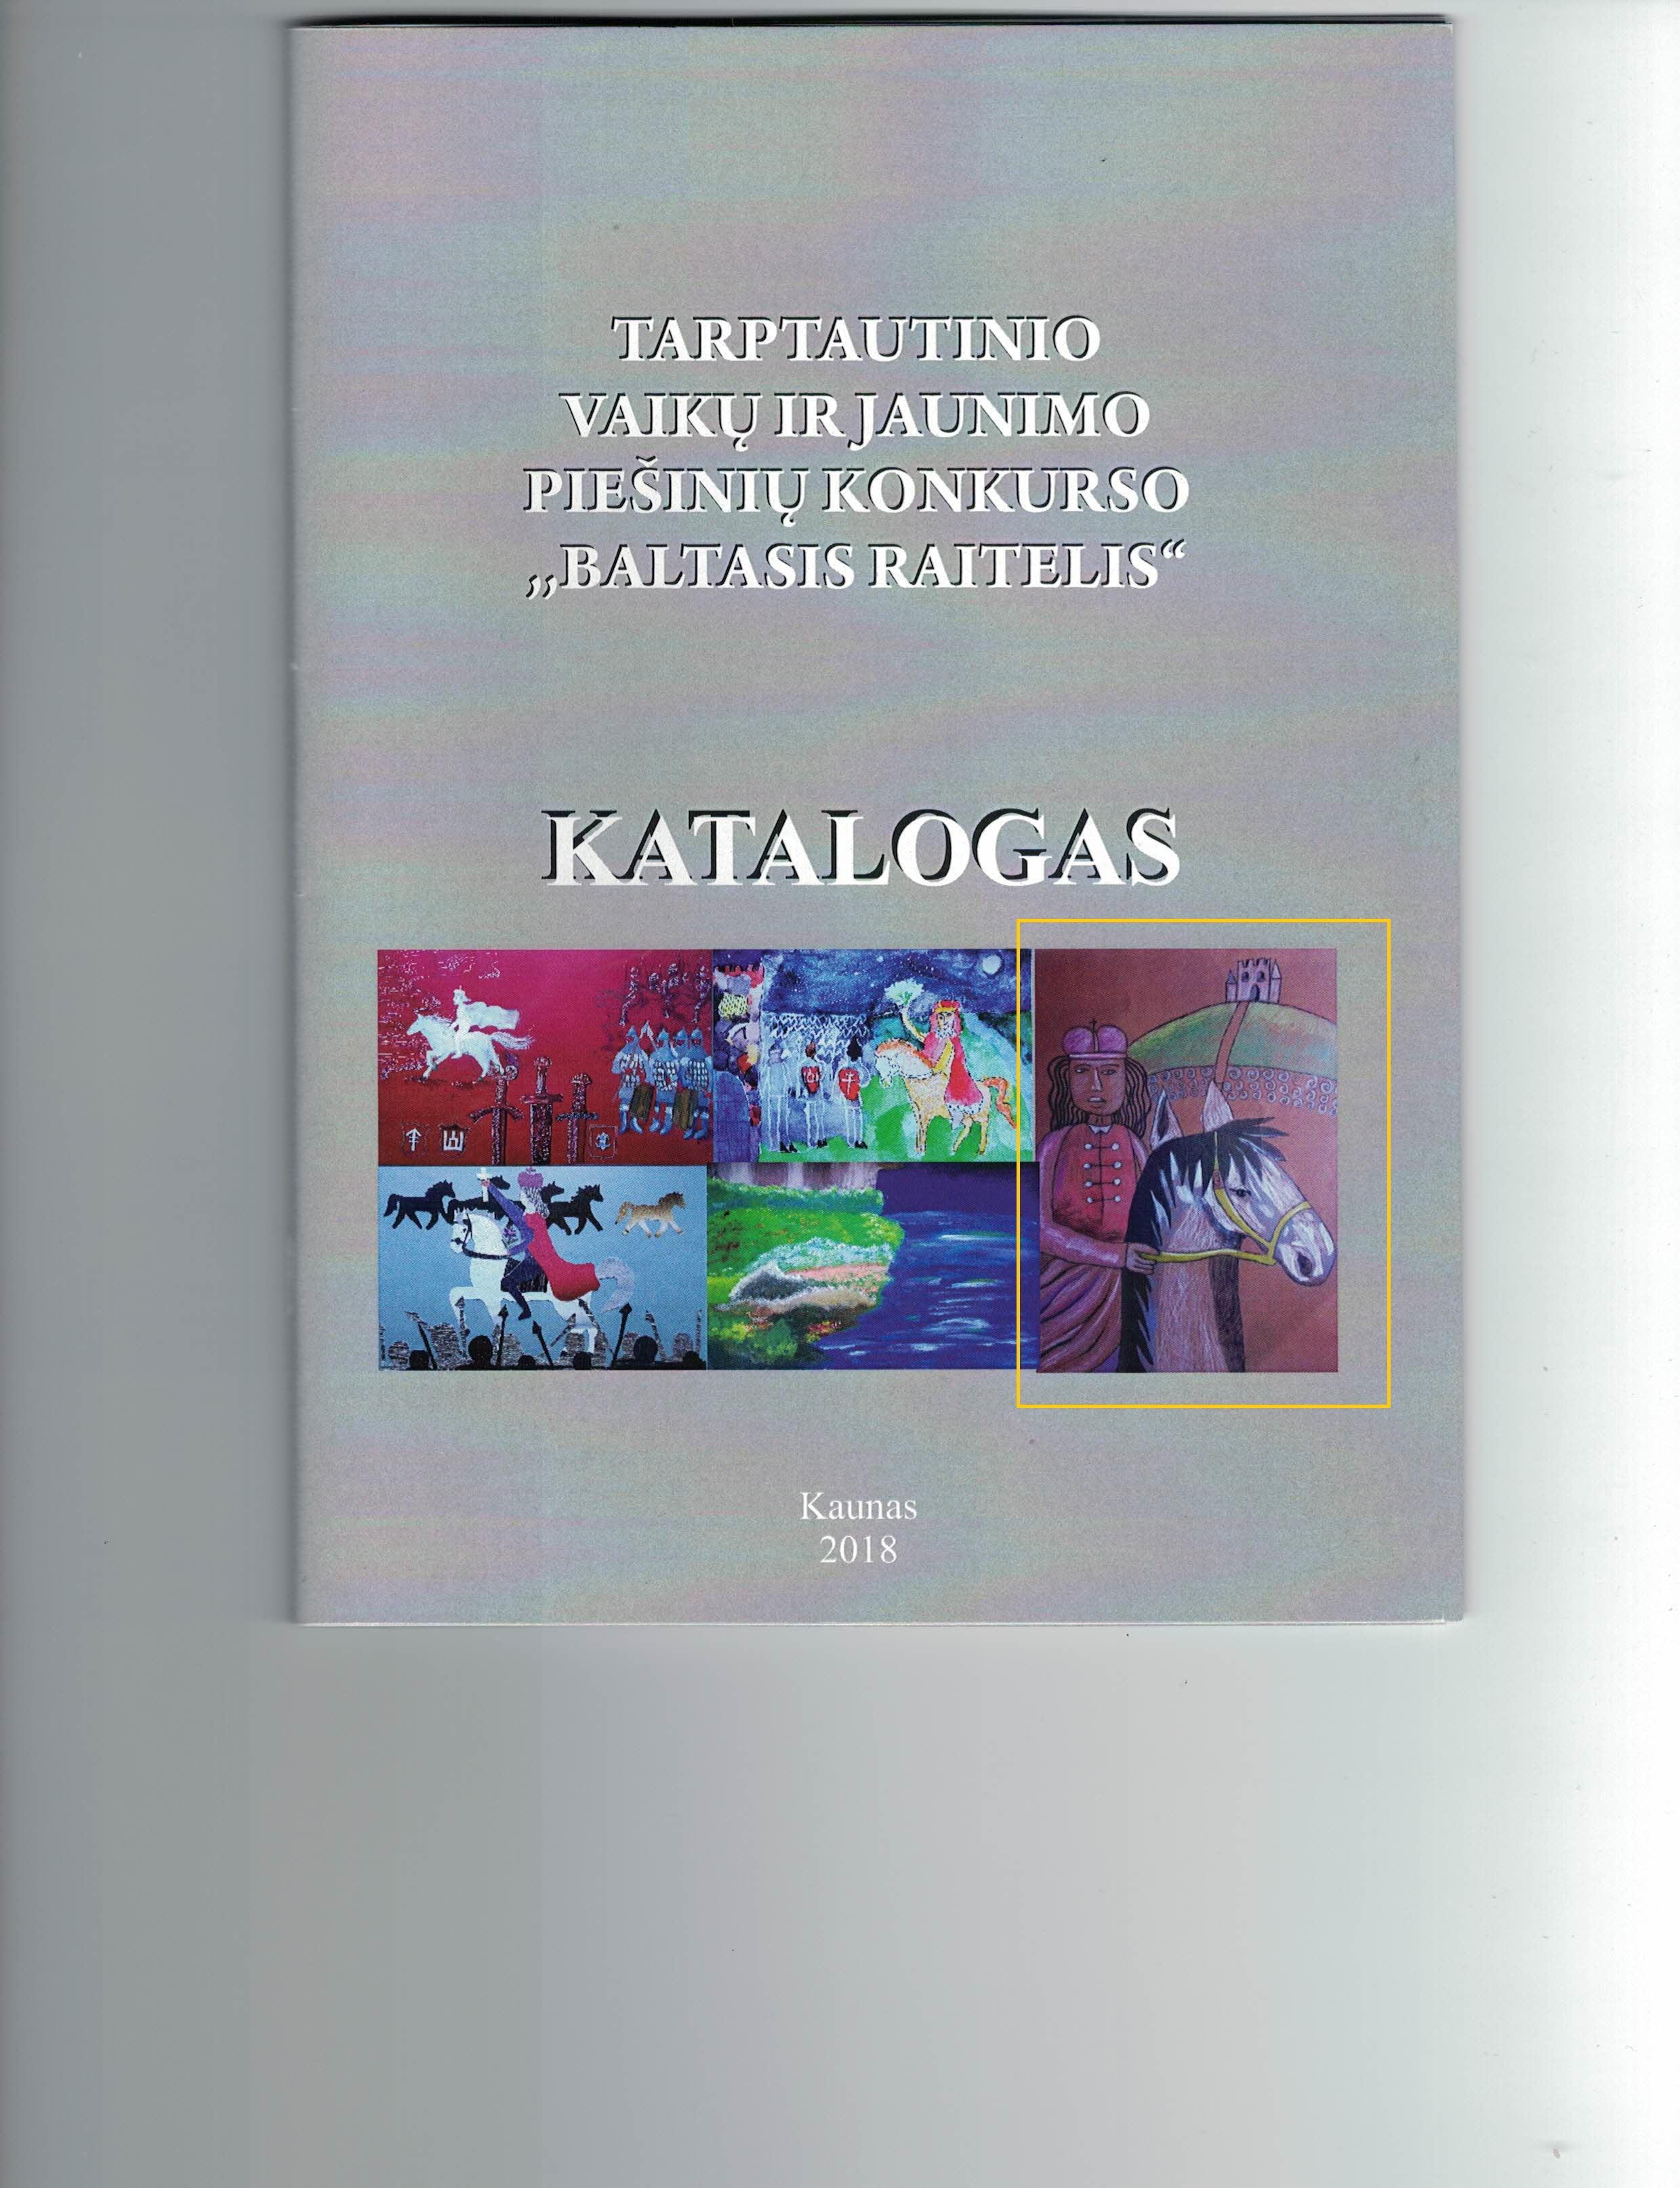 katalogas05232018